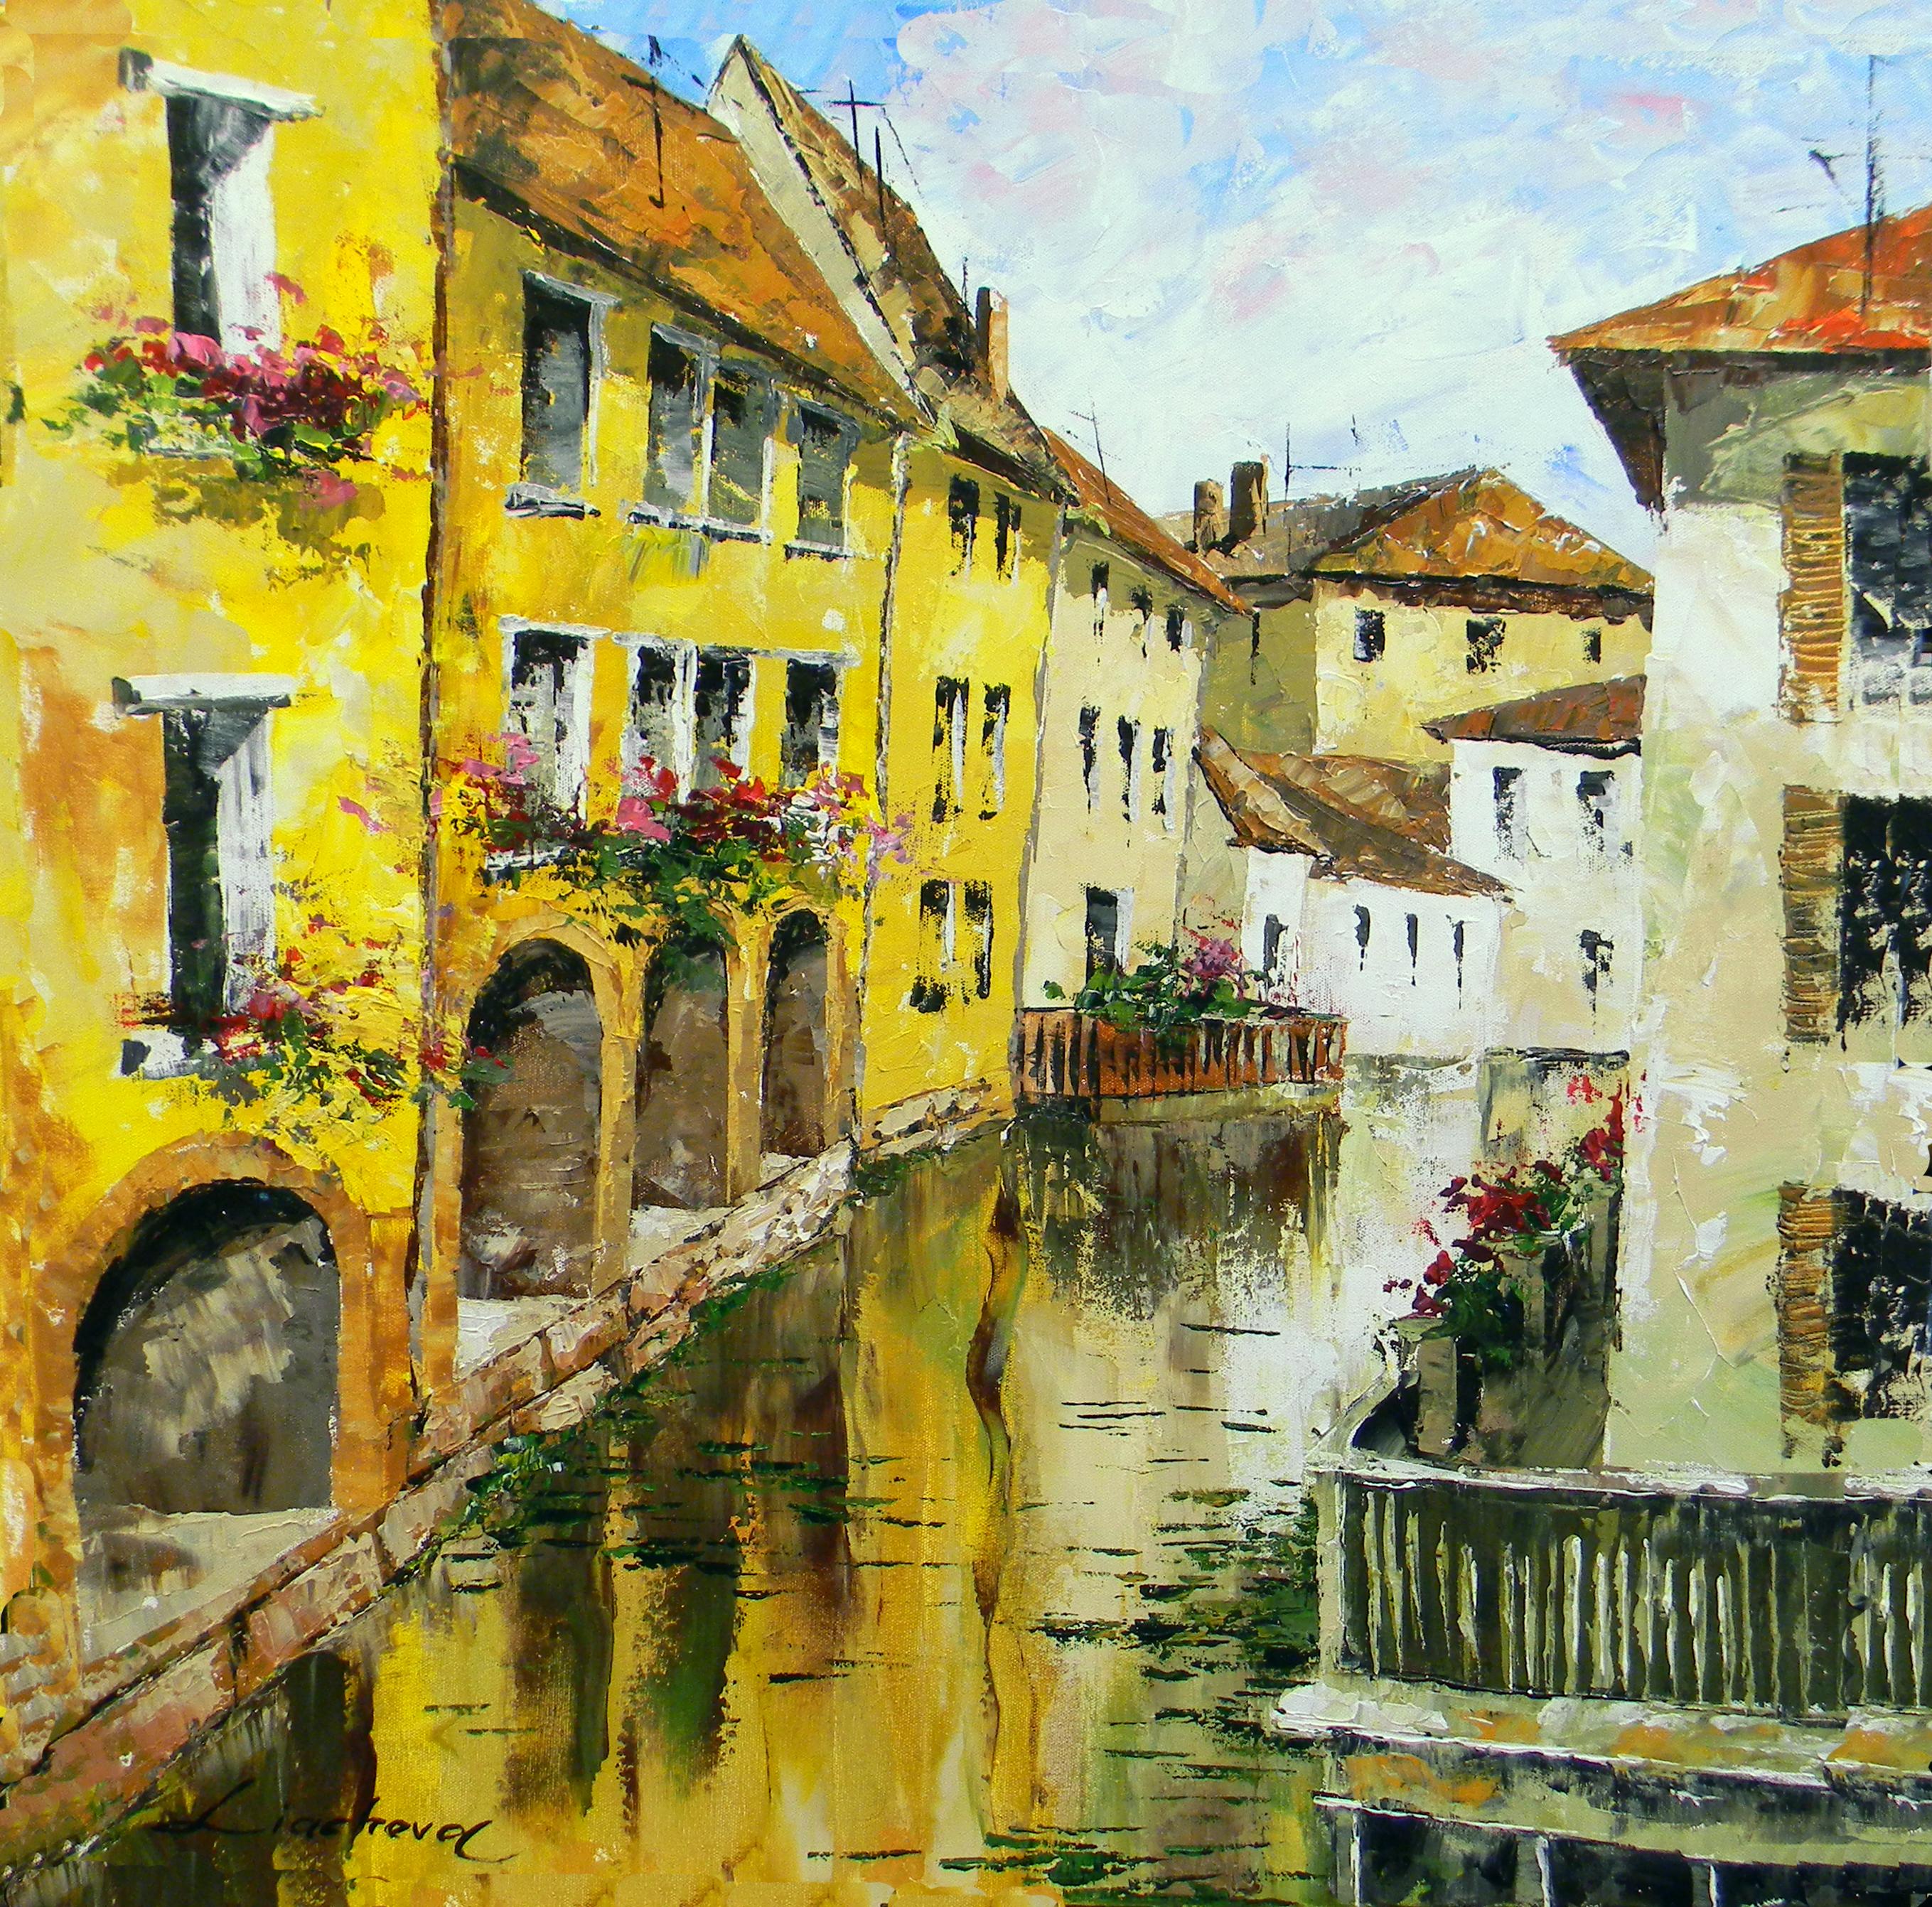 Italy, Tuscany, Reflection